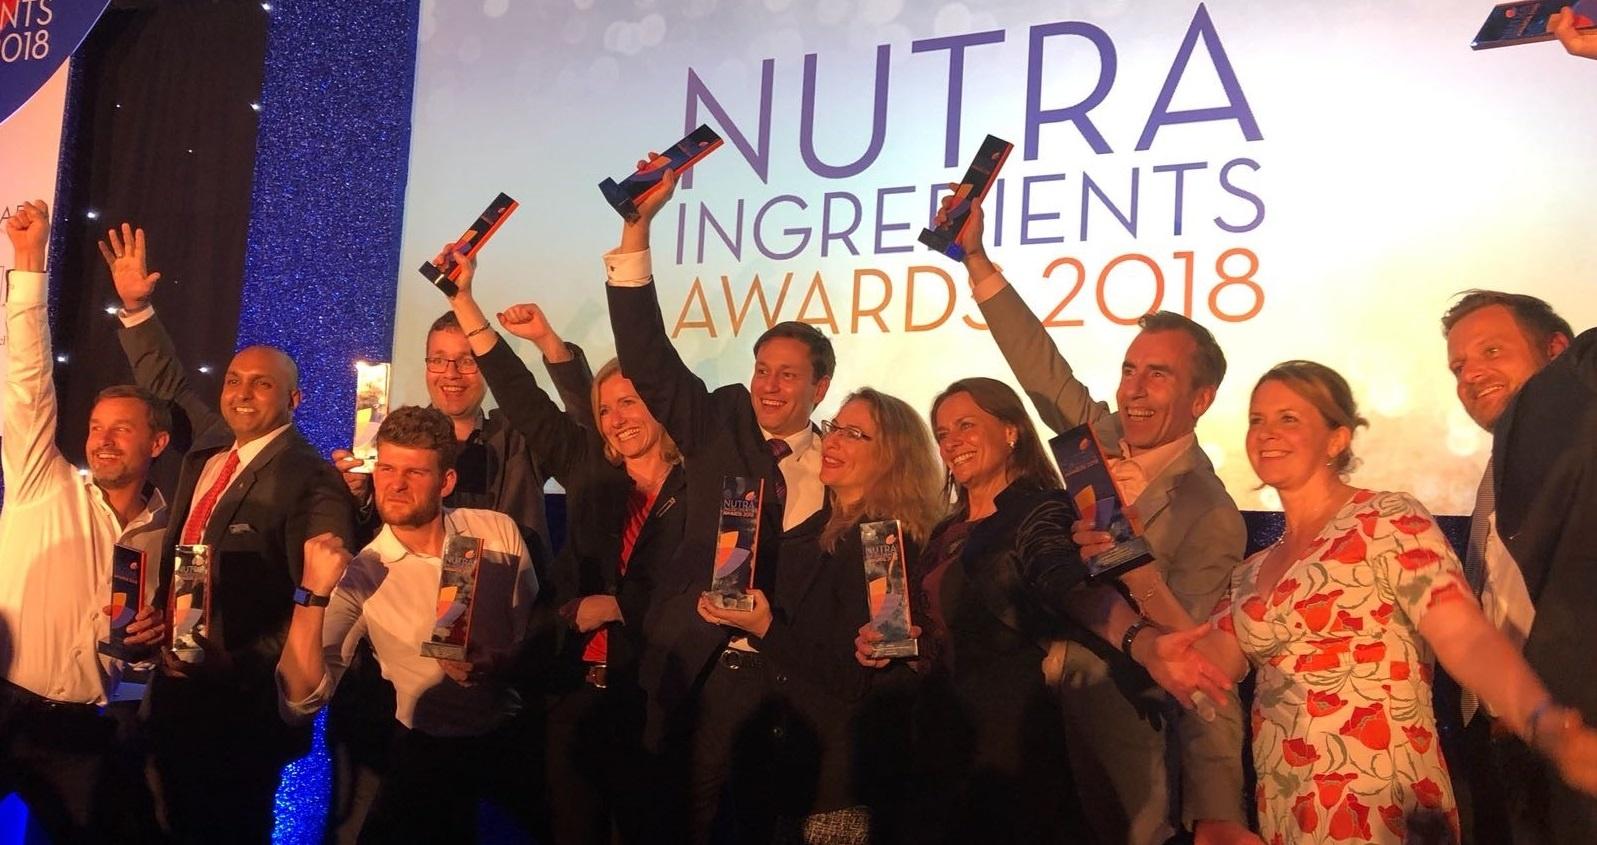 Winners - Nutraingredients awards-1.jpg